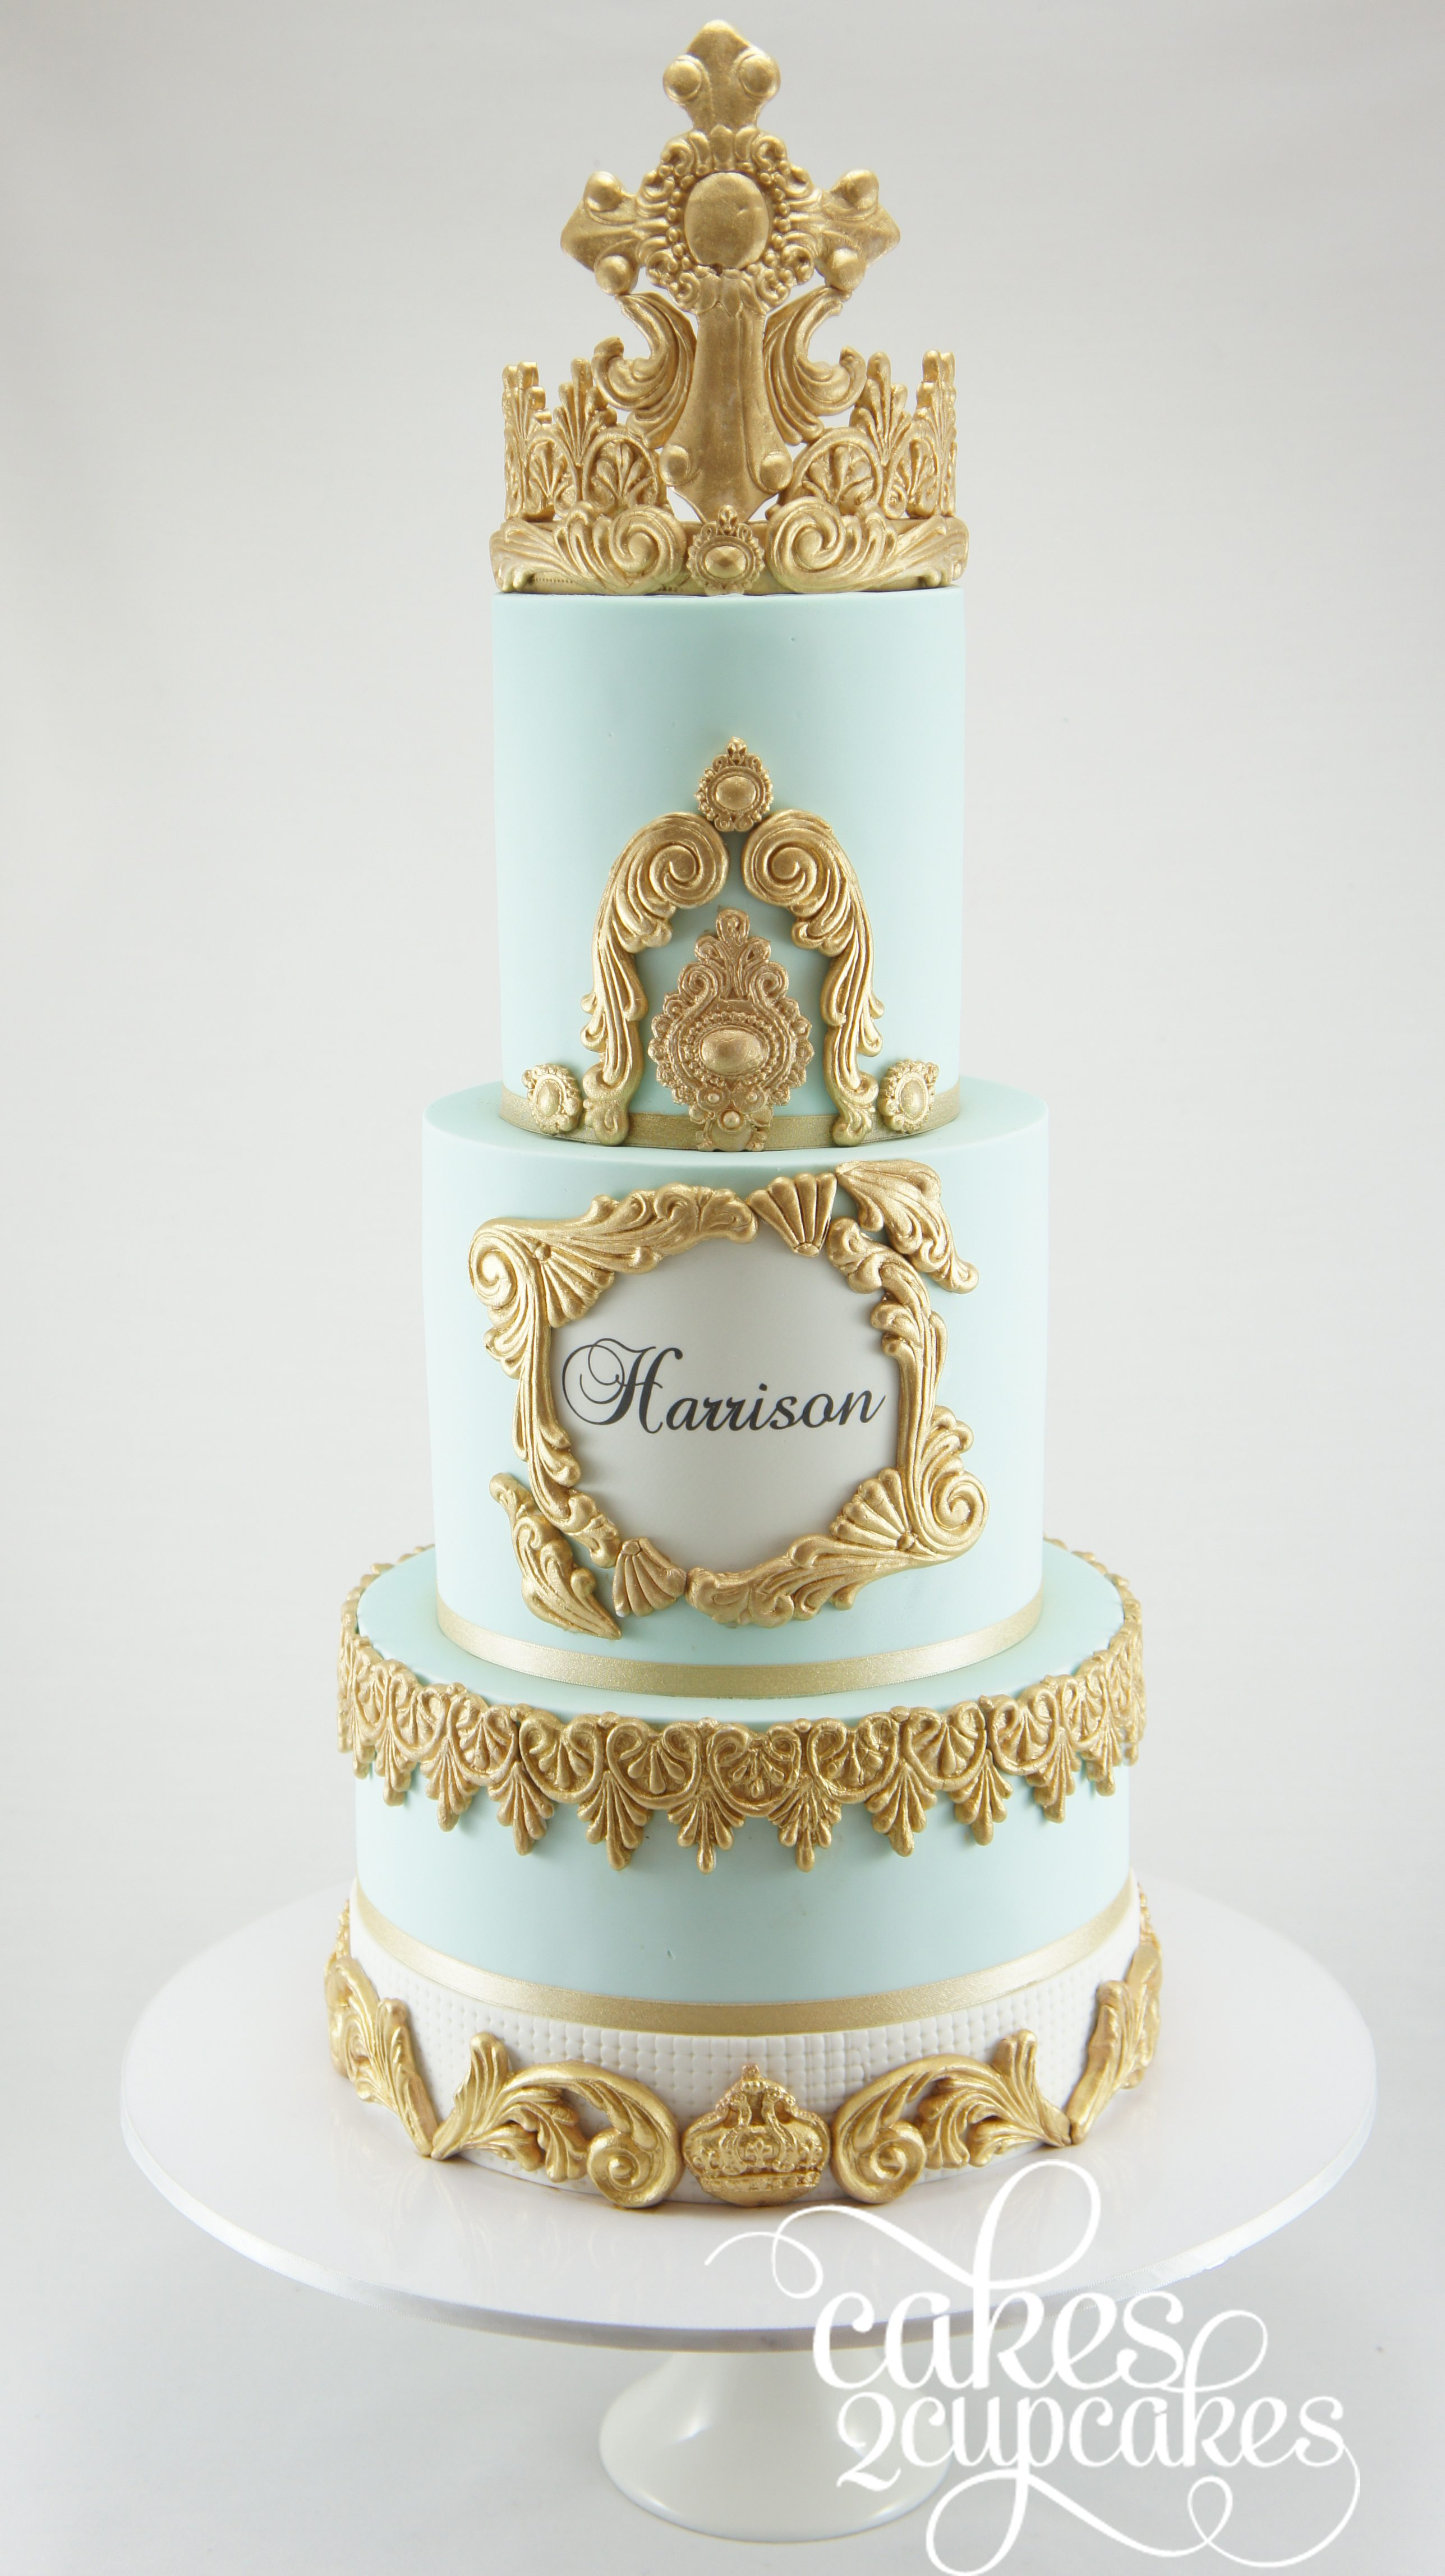 cakes2cupcakes-prince-crown.jpg